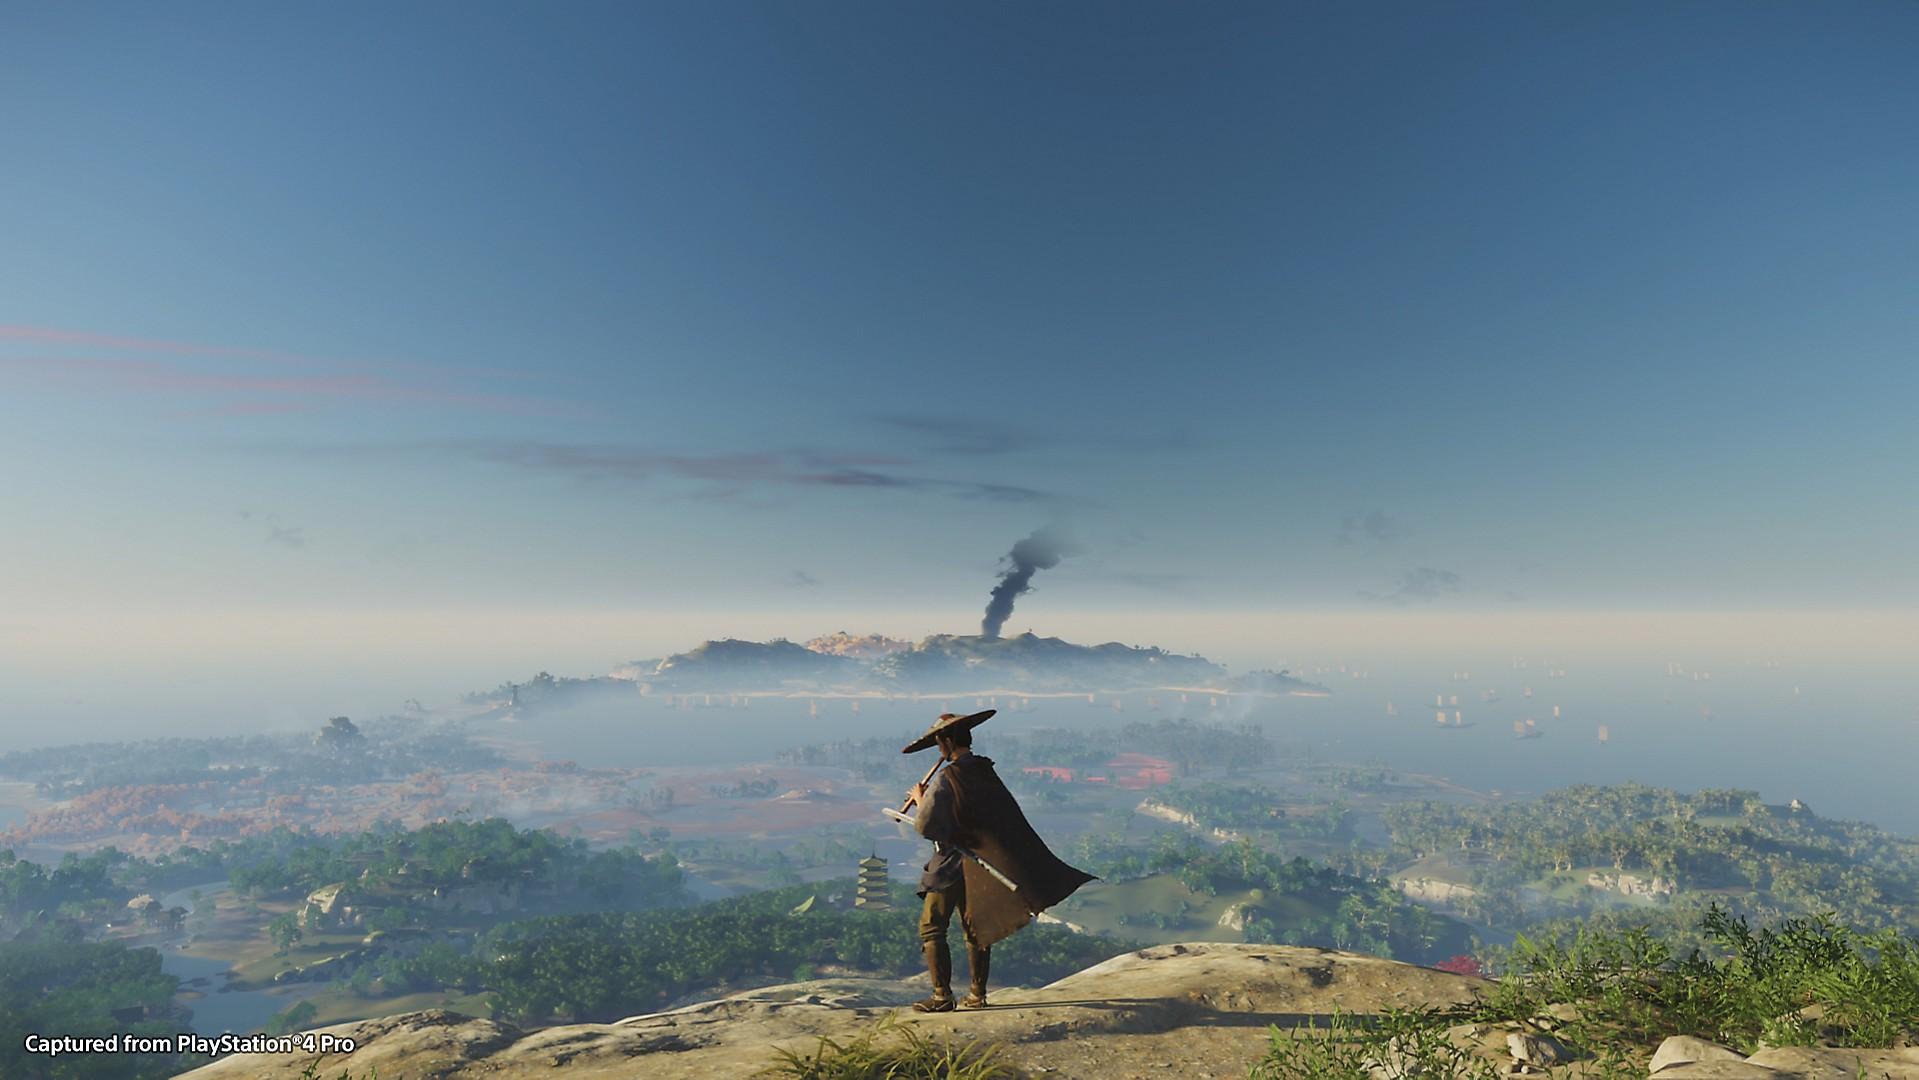 本田翼盛赞《对马岛之鬼》 表示很久没有如此执迷游戏了